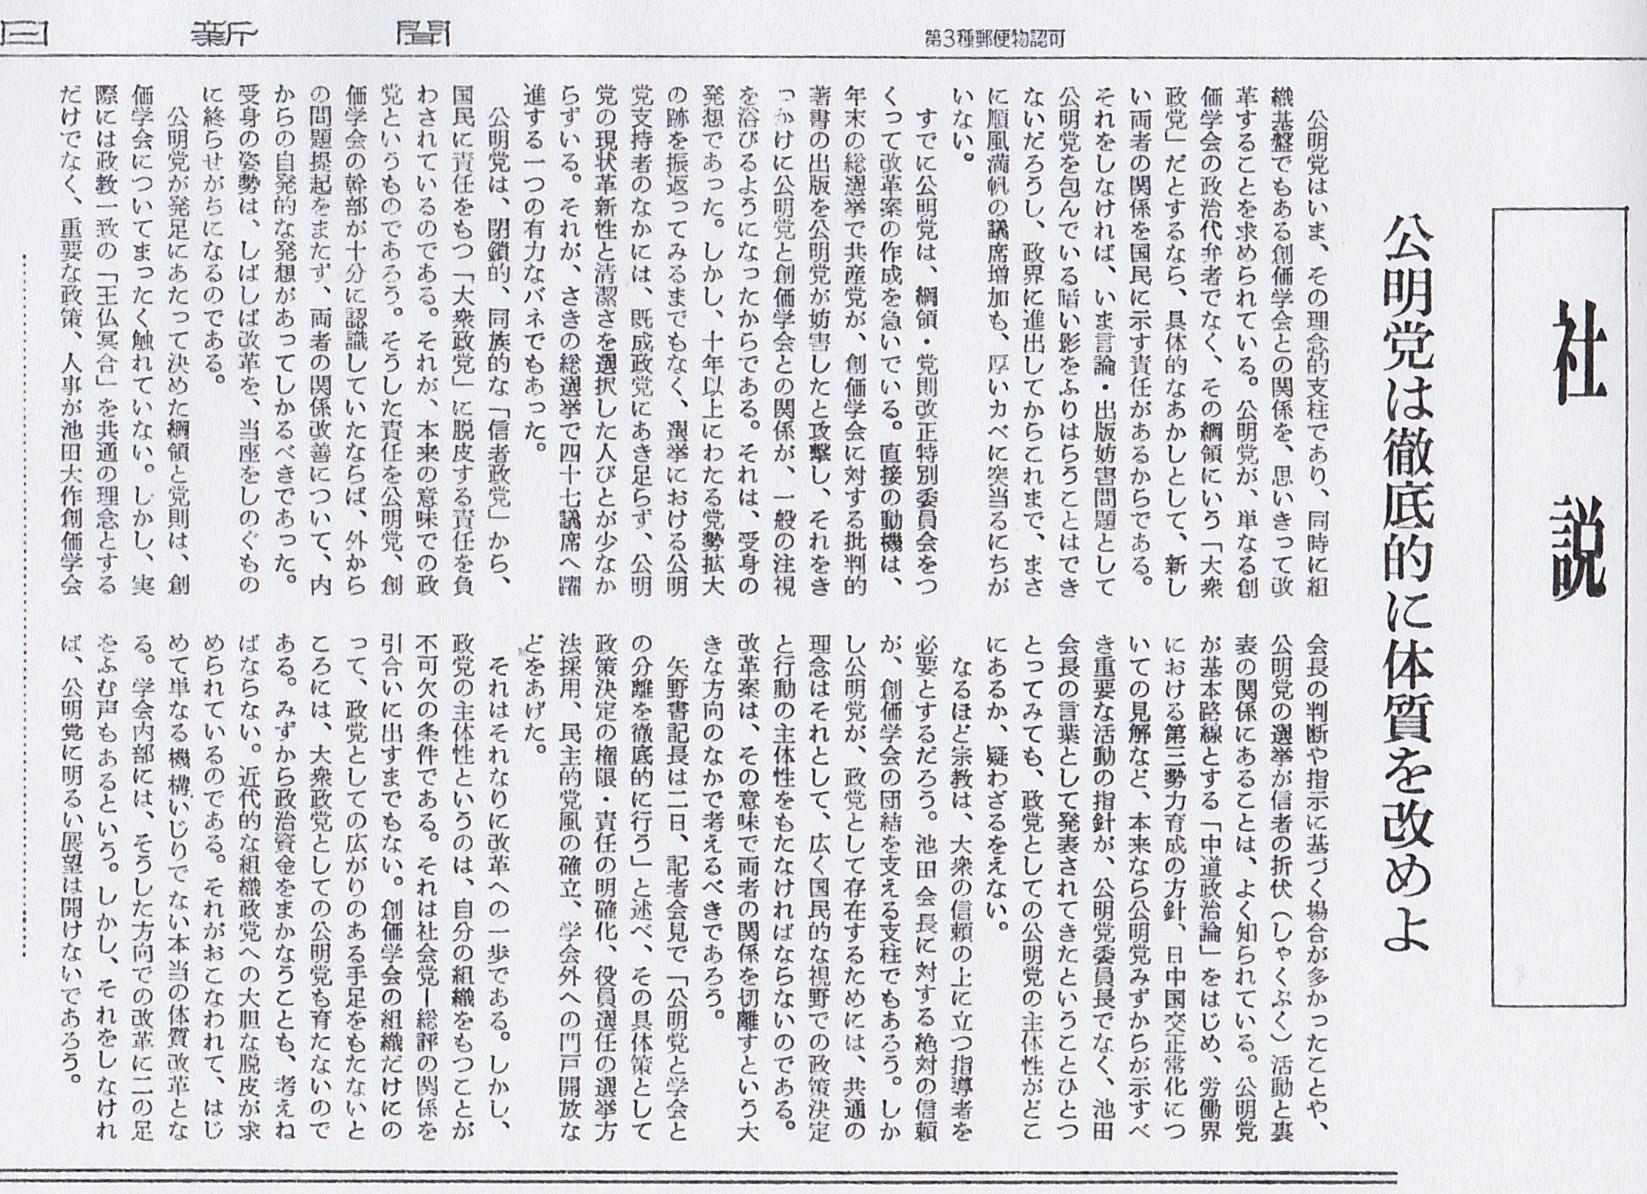 朝日新聞 昭和45年2月3日2面